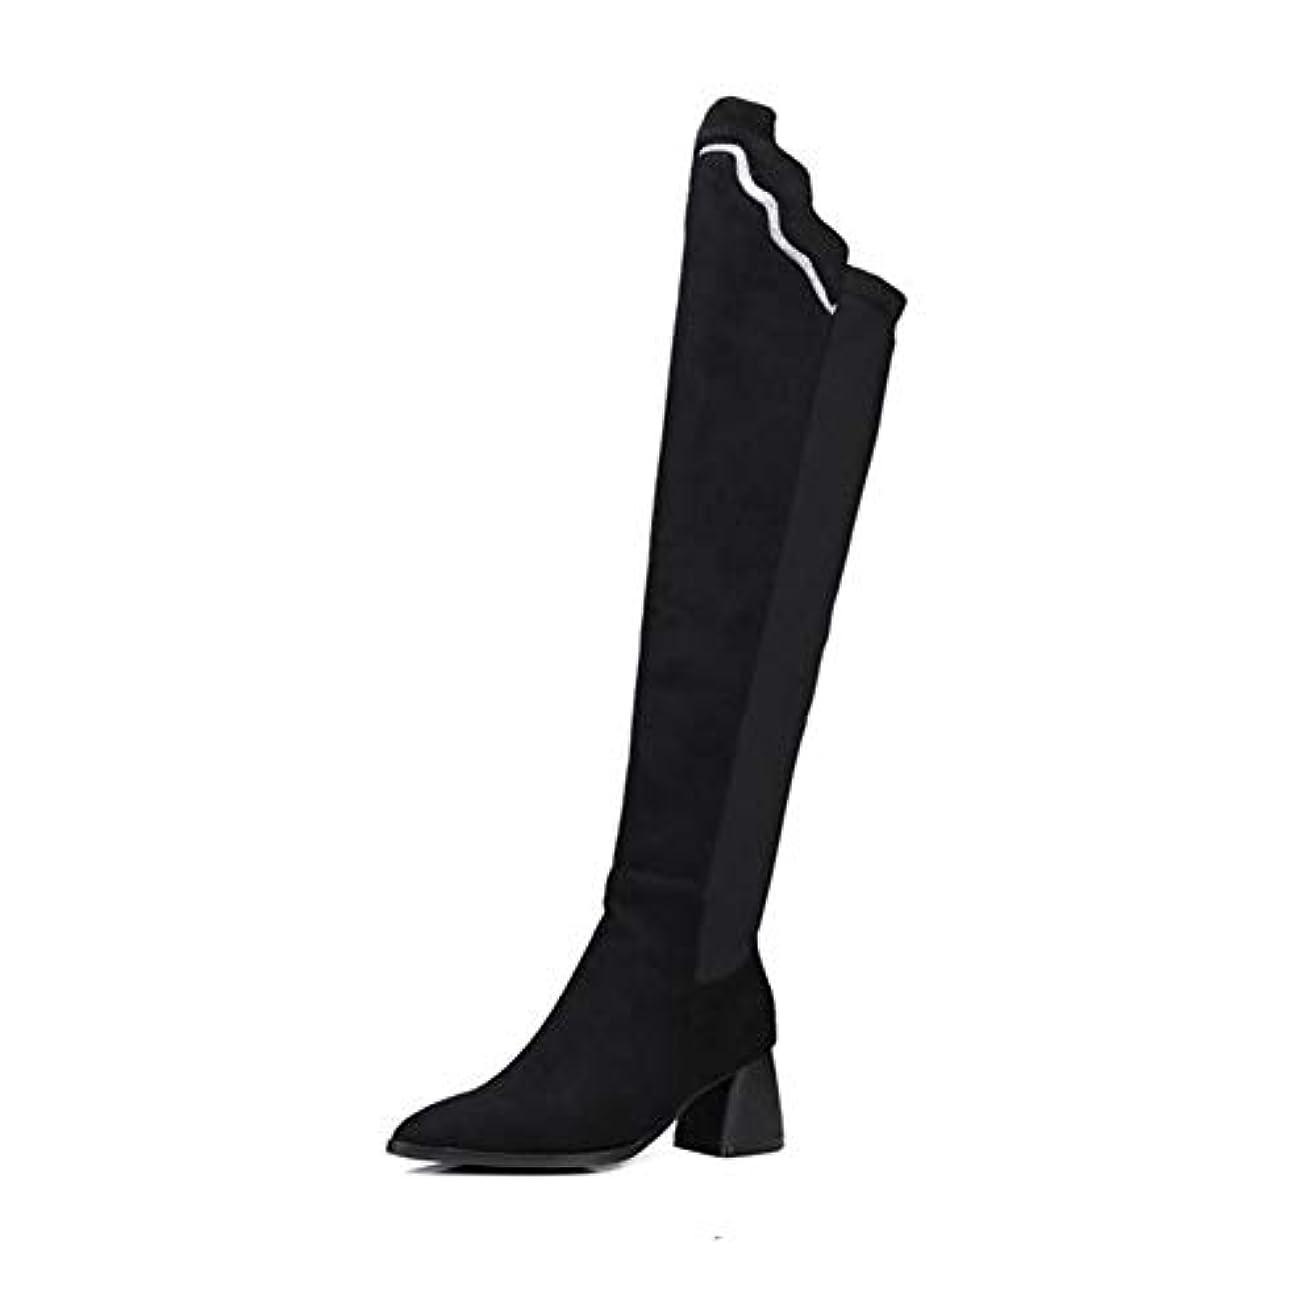 ええ見せます不道徳レディースロングブーツ、秋冬ニューレディースブーツファッションスエードは厚手のハイヒールスキニーストレッチを膝のブーツで指しています (色 : ブラック, サイズ : 39)